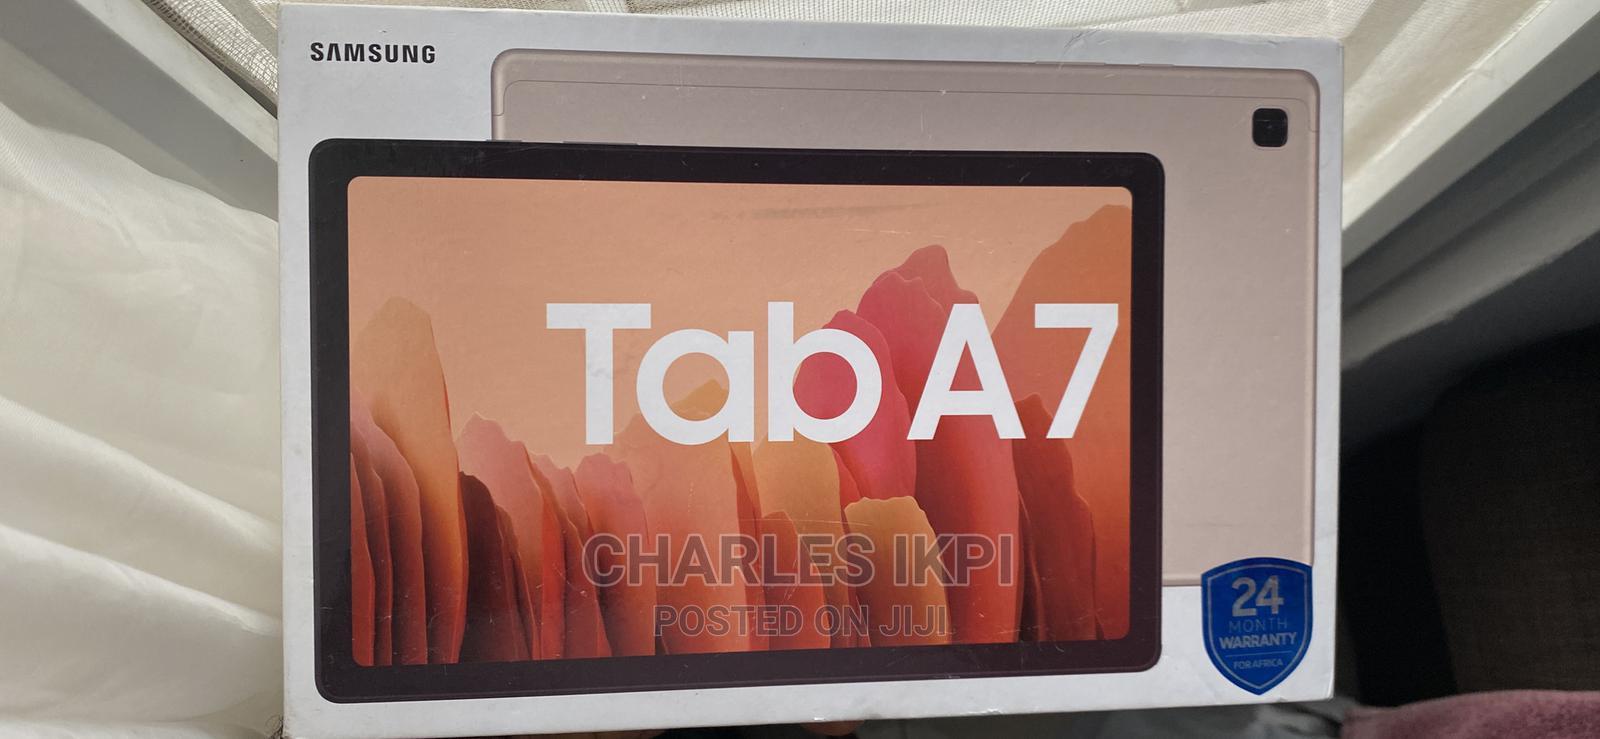 New Samsung Galaxy Tab A7 10.4 (2020) 32 GB Other